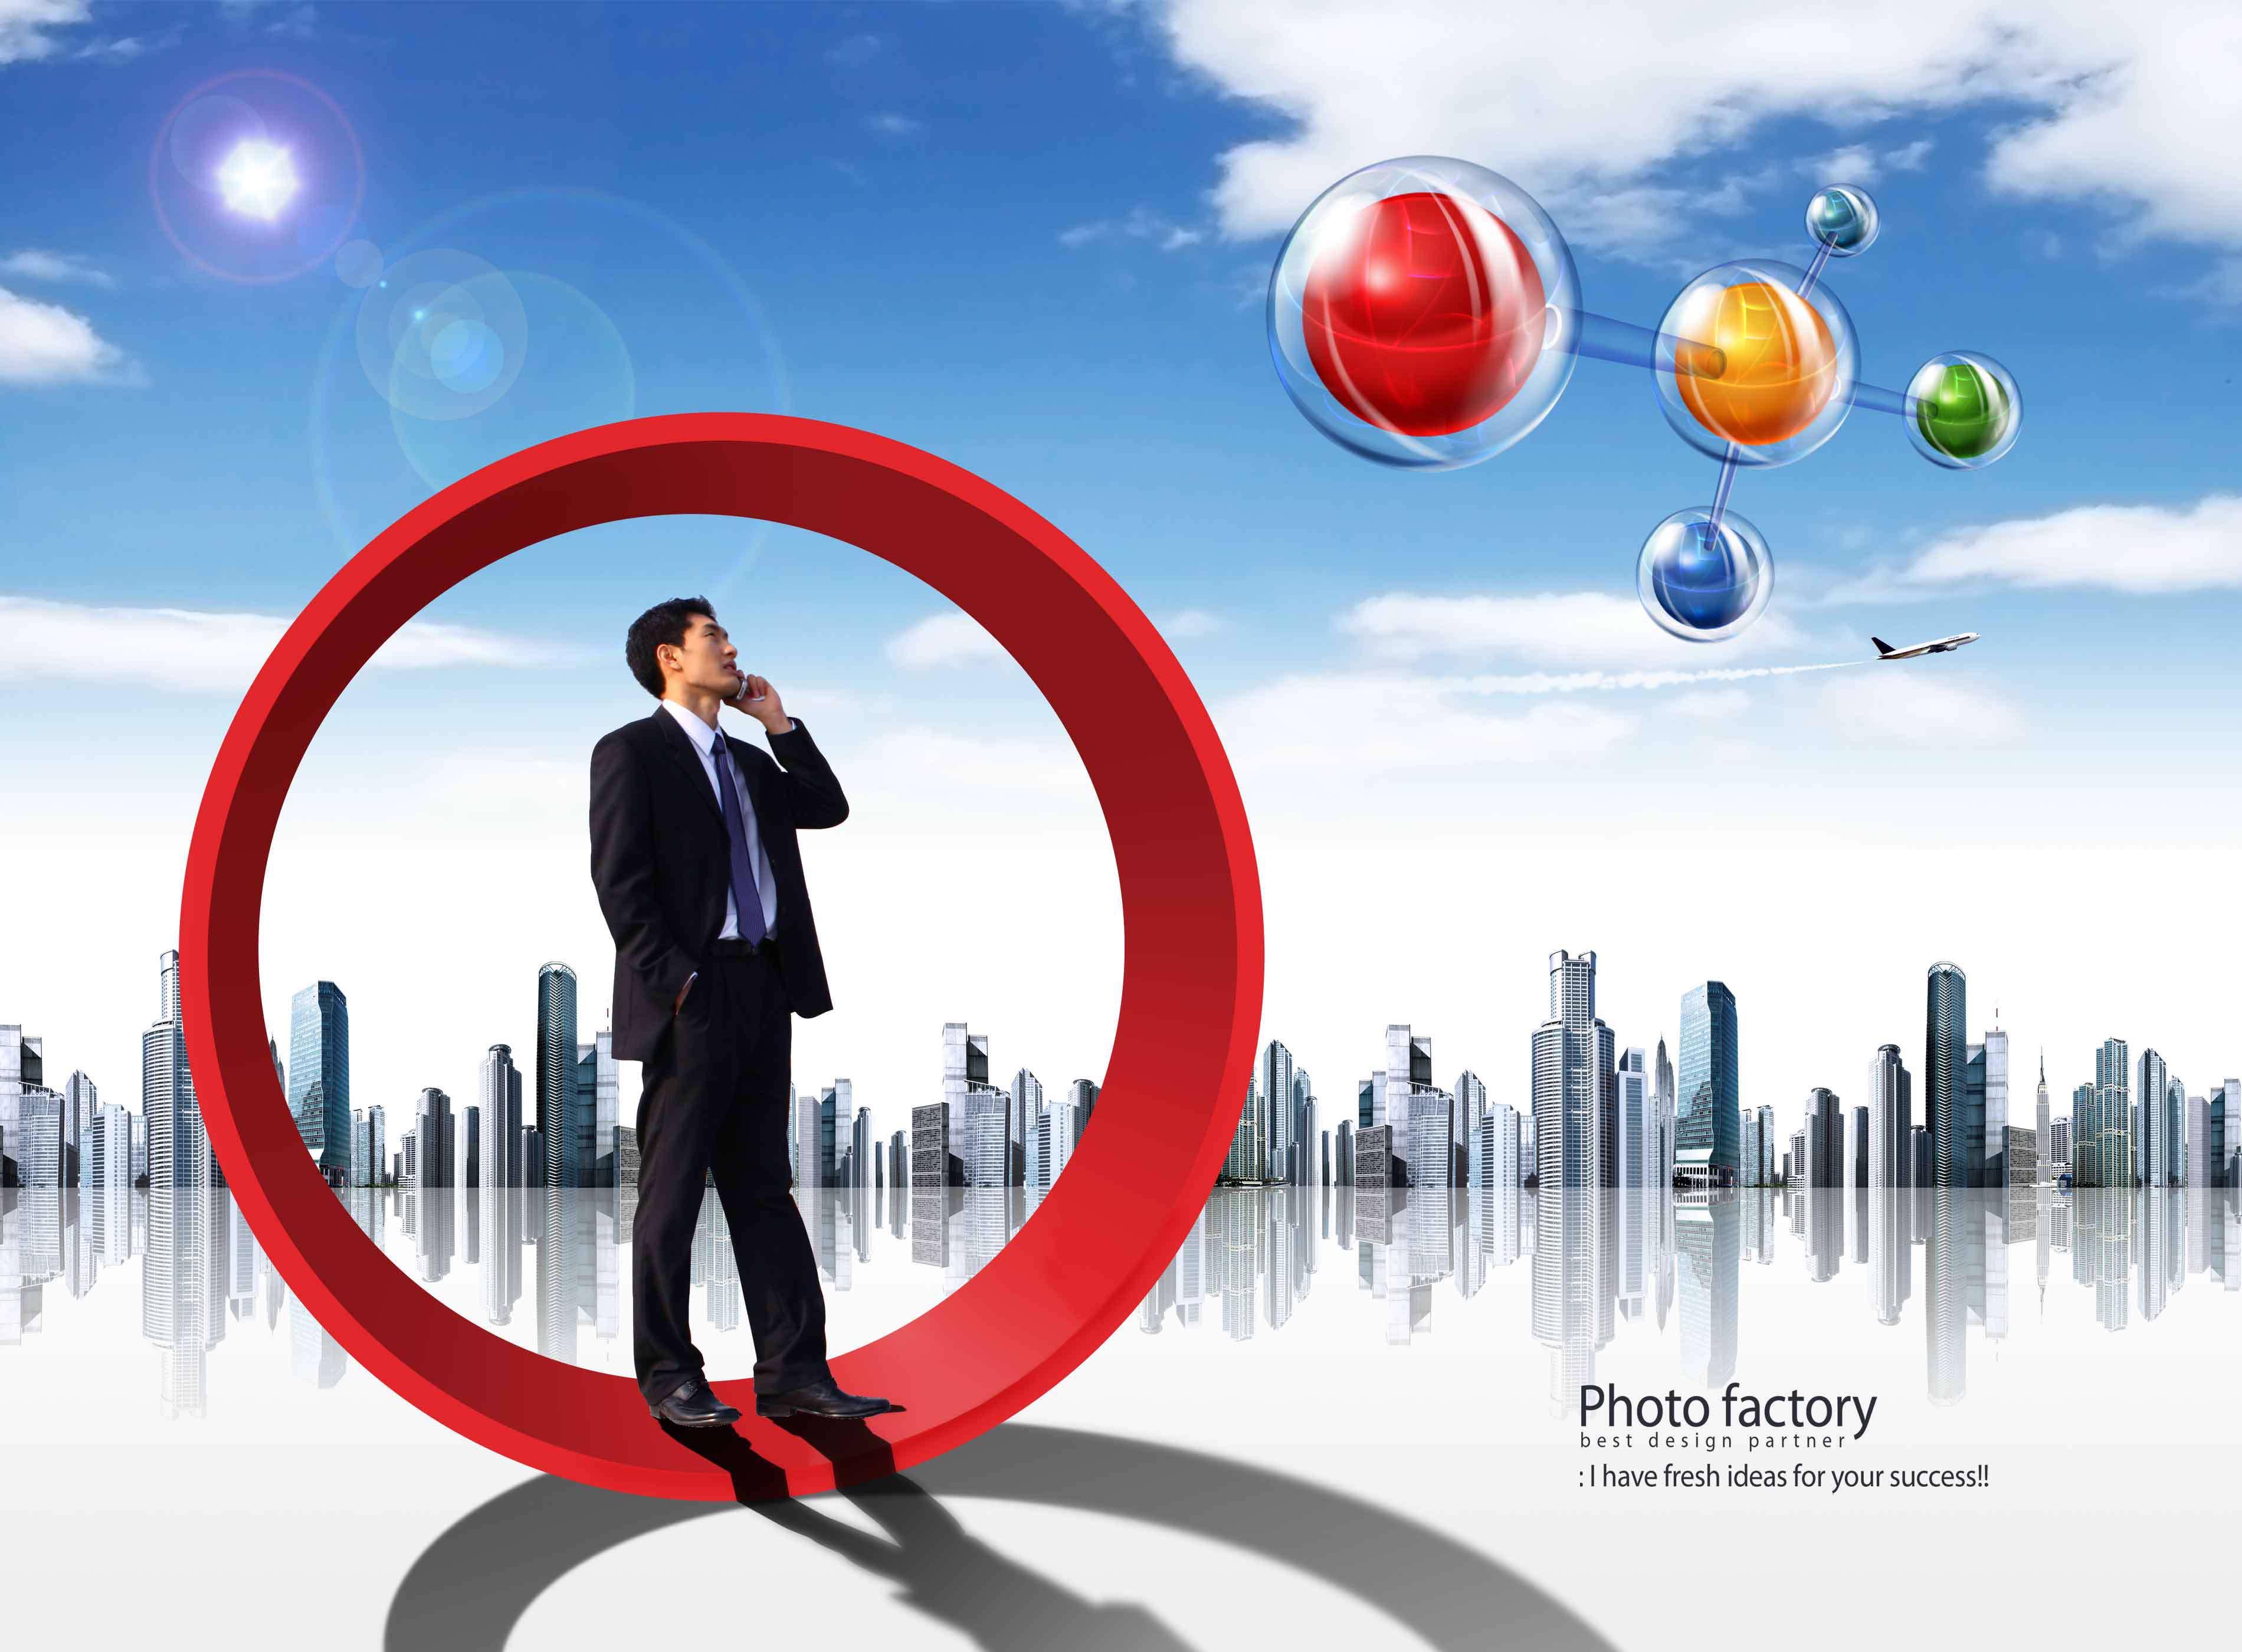 تصاویر لایه باز تبلیغاتی، تجاری و دیجیتال آبی و سفید